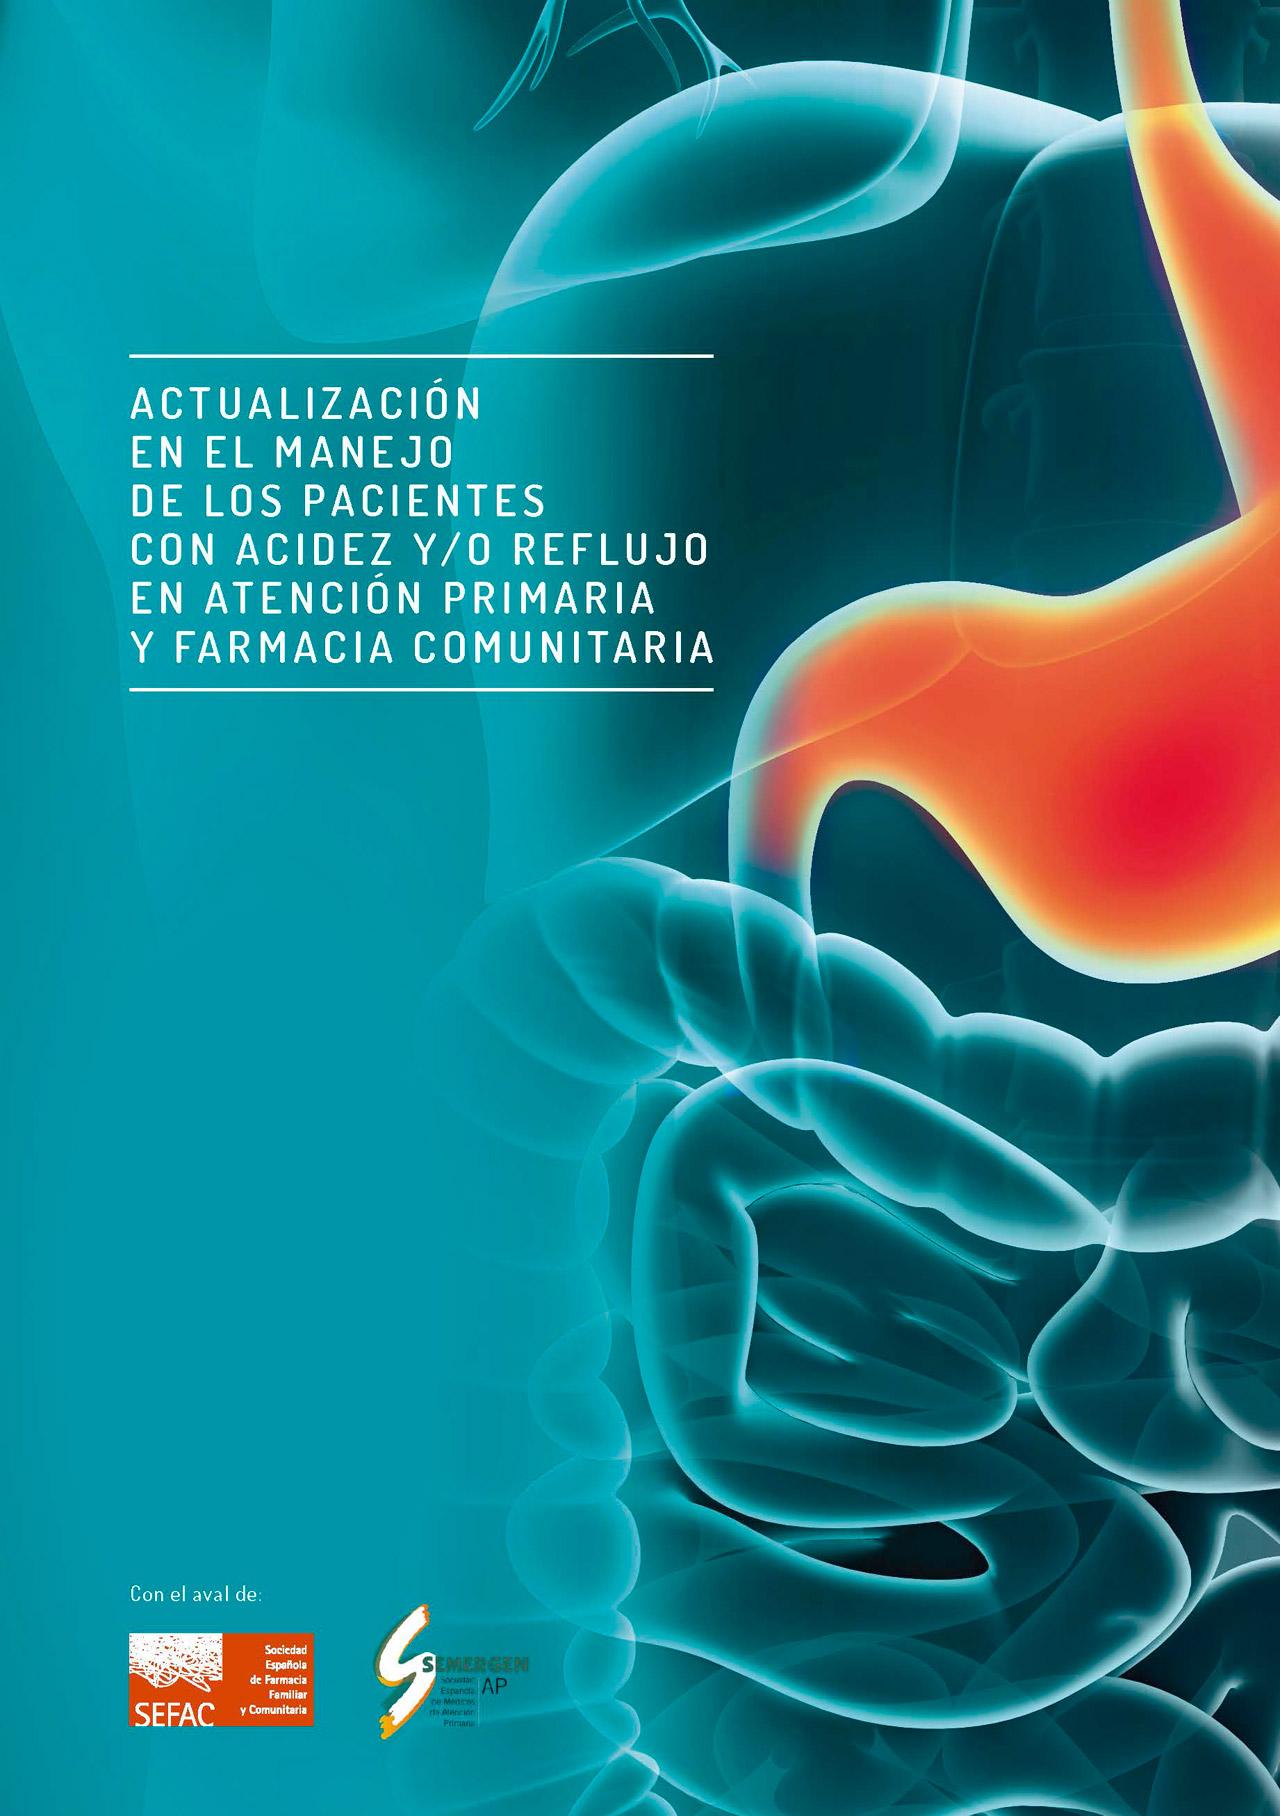 Guía sobre acidez y reflujo avalada por Sefac y Semergen.